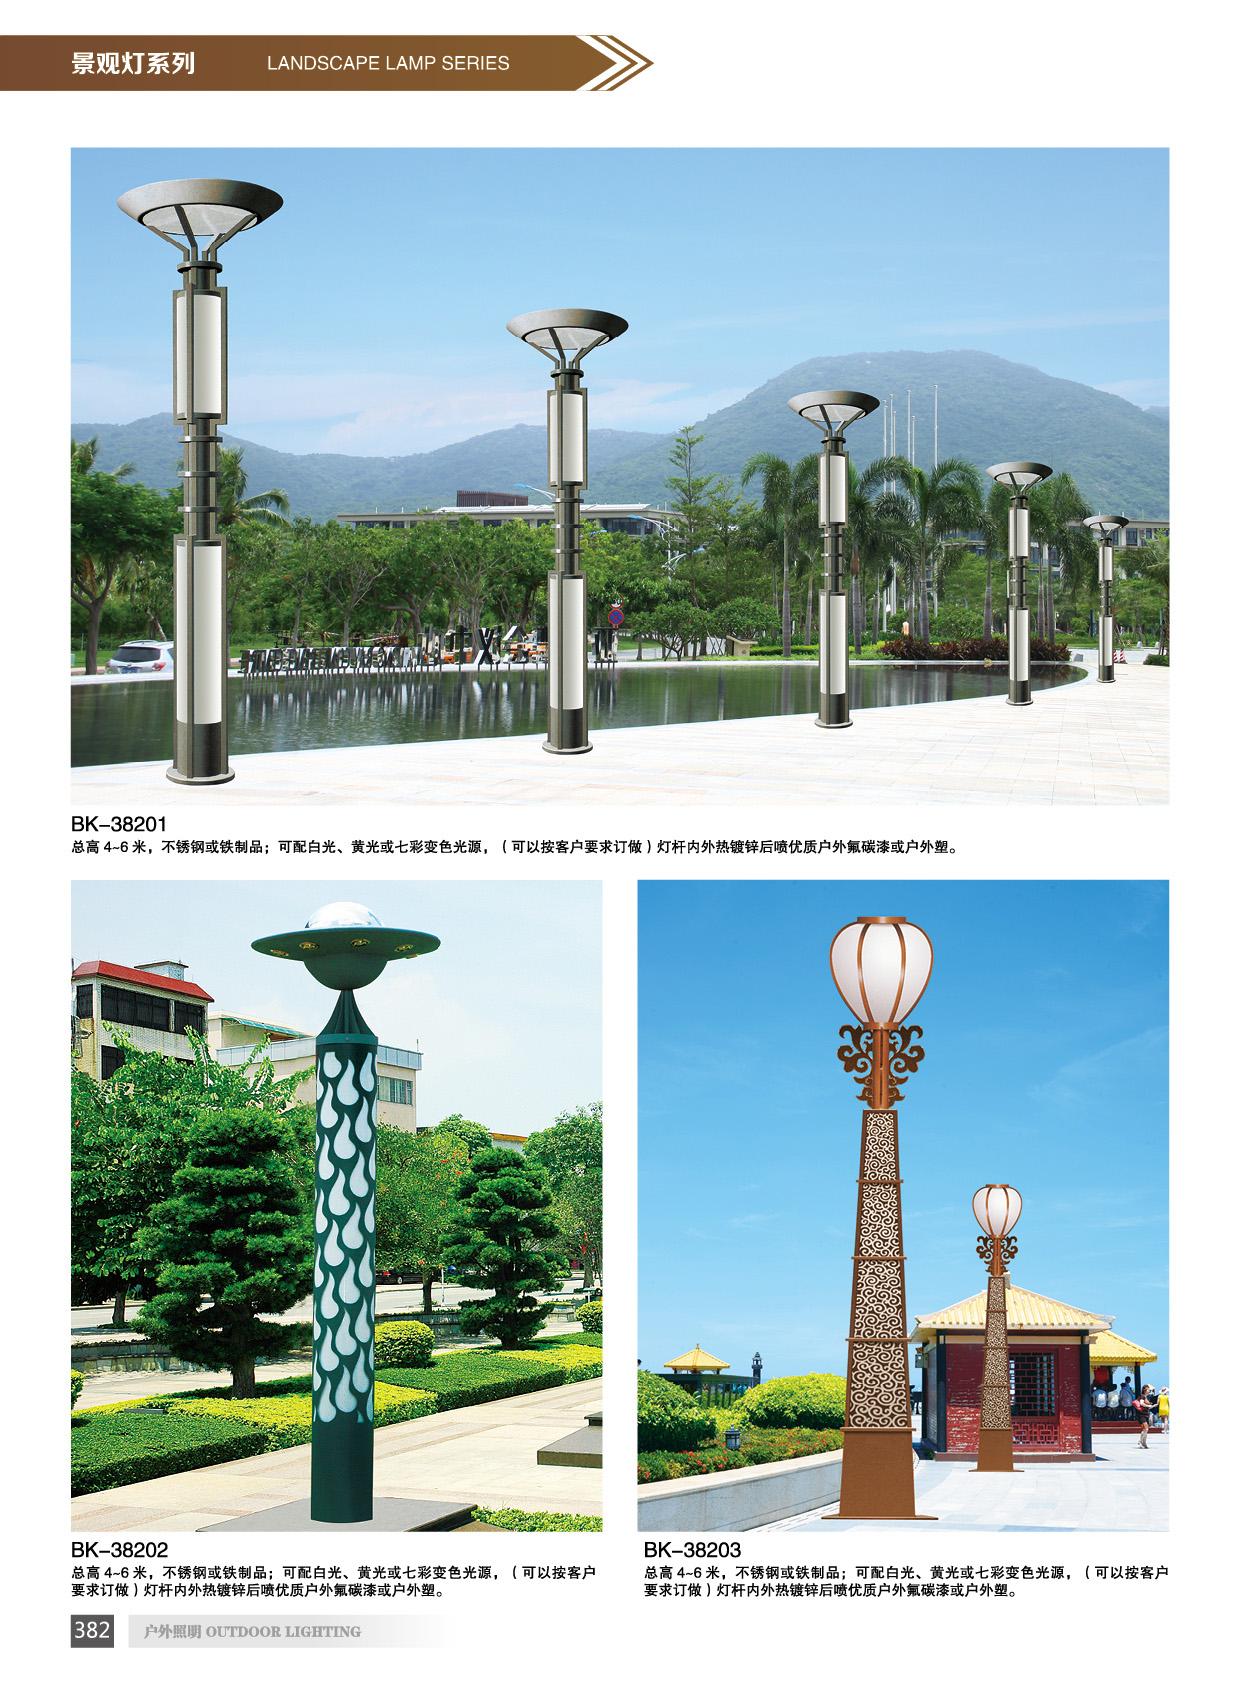 景观灯 景观灯端木照明厂